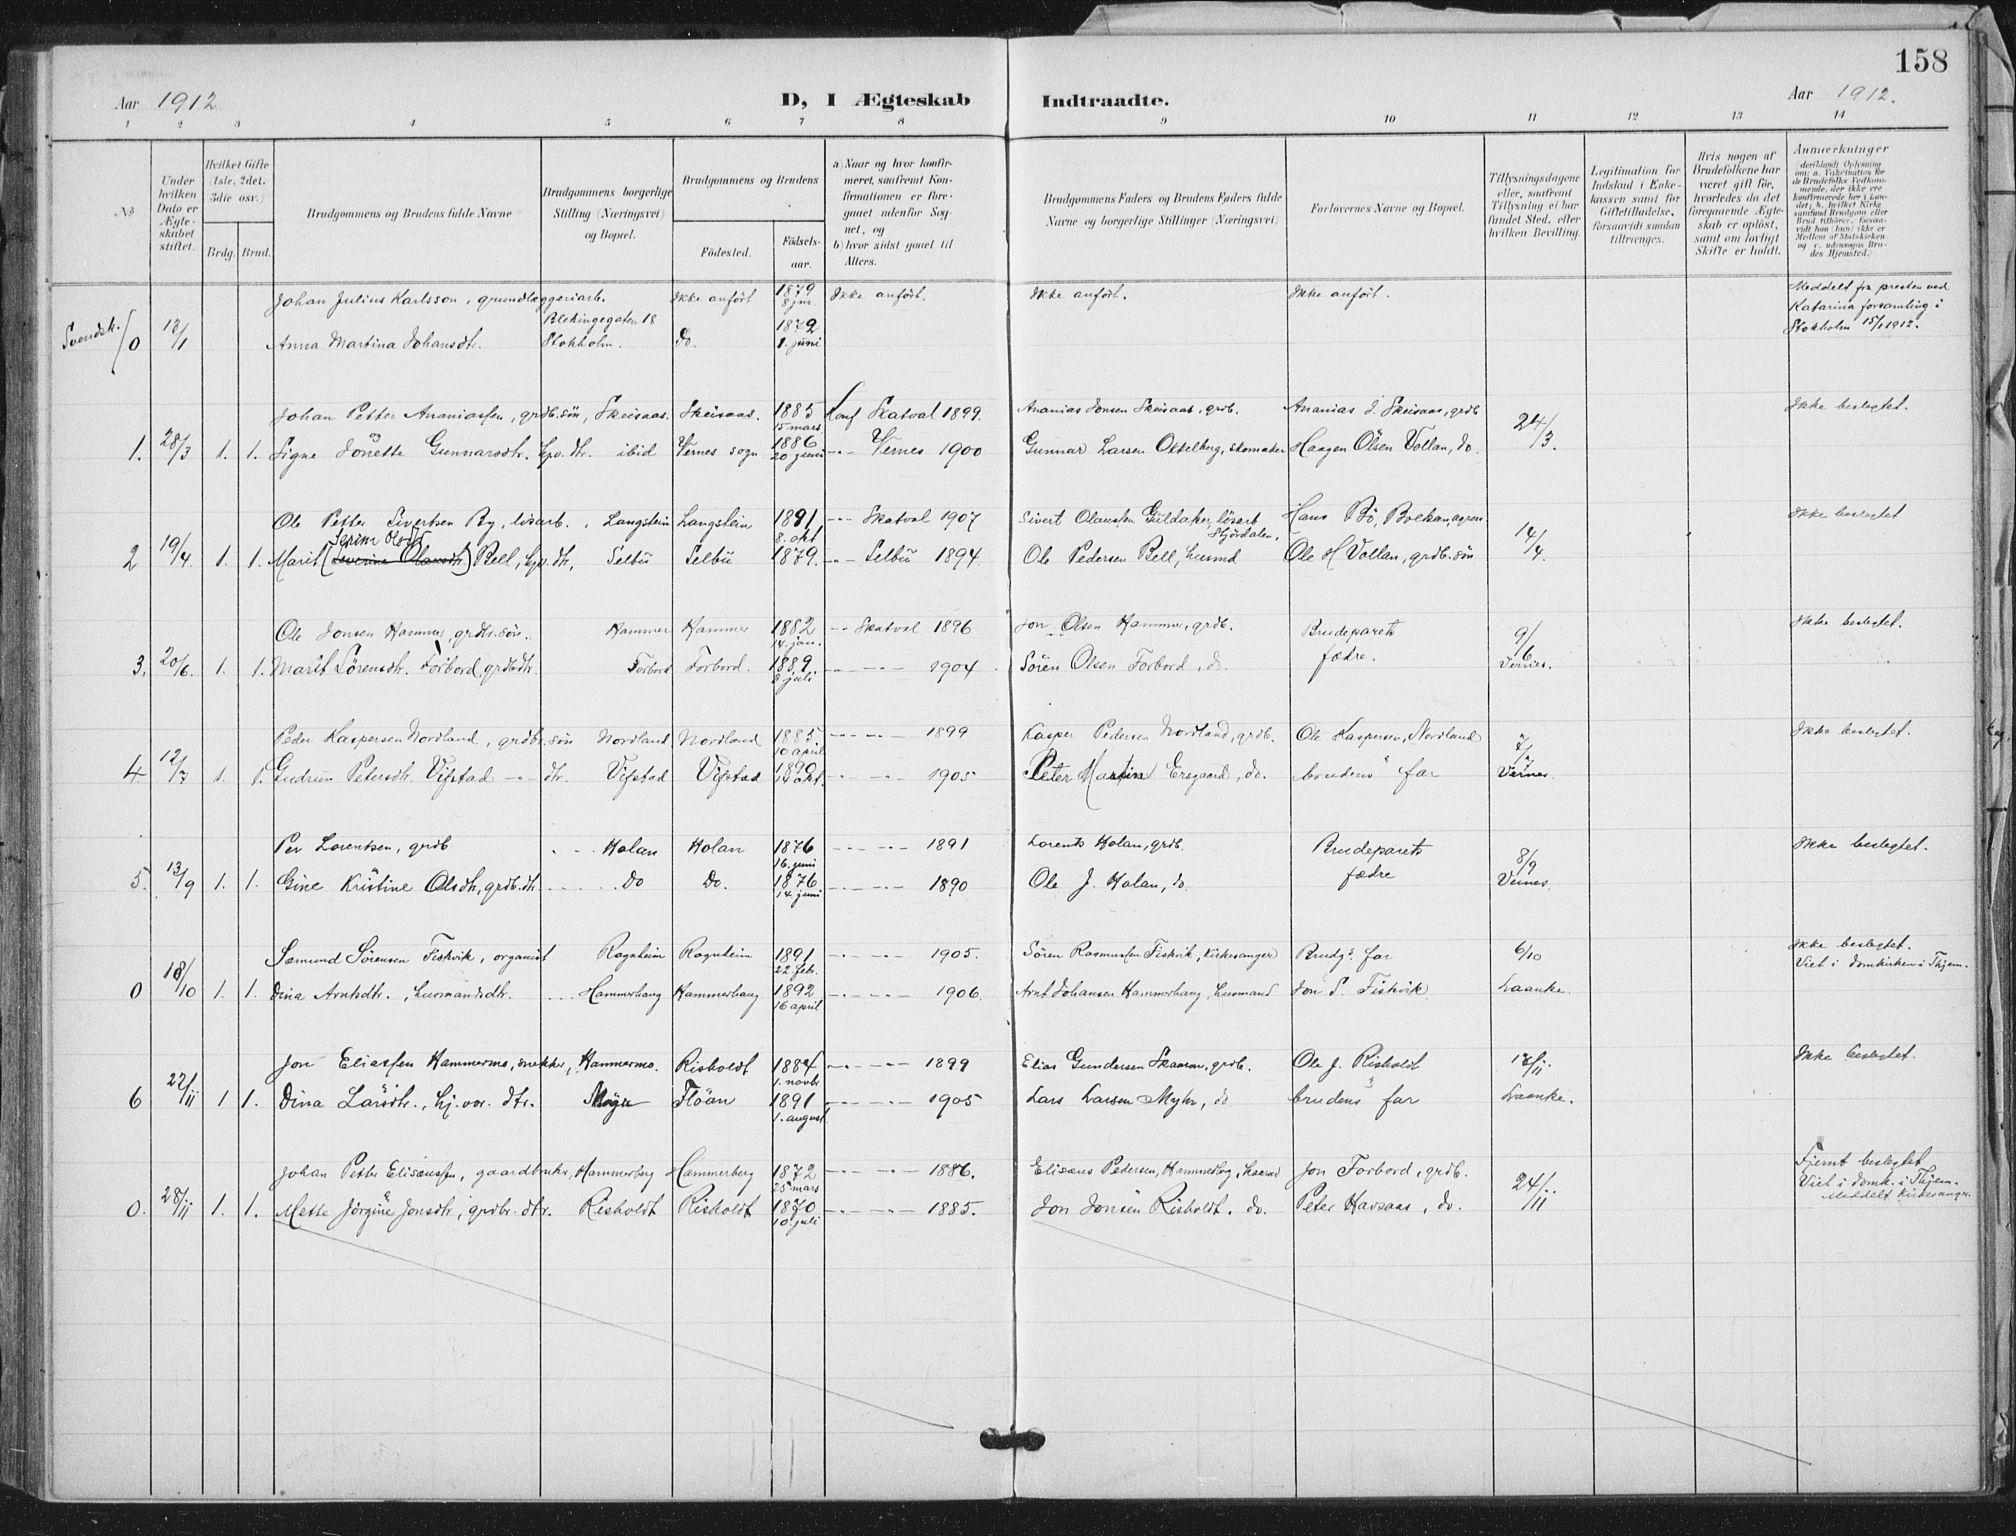 SAT, Ministerialprotokoller, klokkerbøker og fødselsregistre - Nord-Trøndelag, 712/L0101: Ministerialbok nr. 712A02, 1901-1916, s. 158